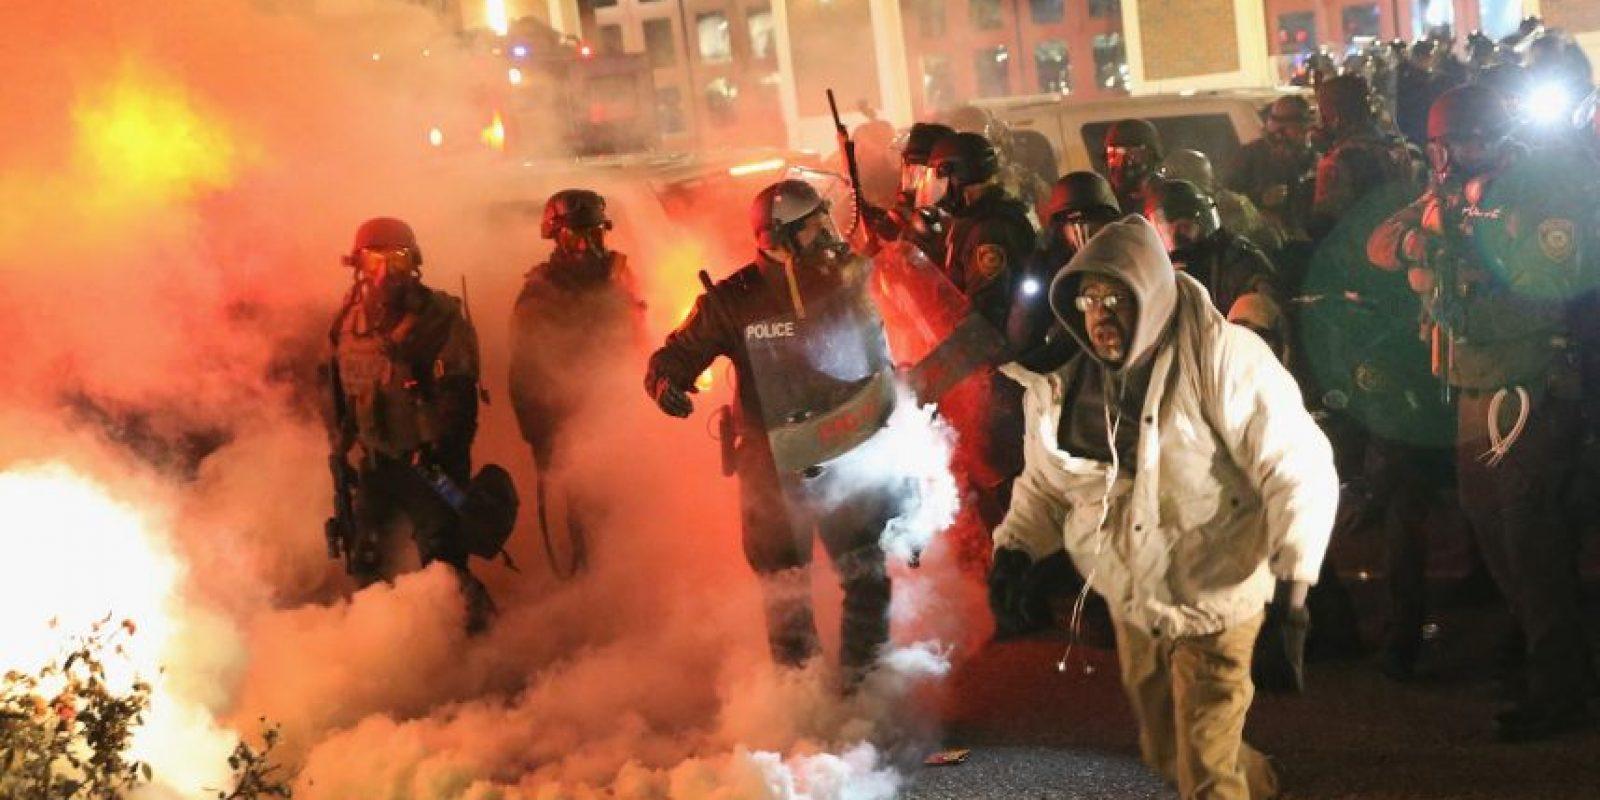 """El presidente de Estados Unidos, Barack Obama manifestó que la decisión del caso de Michael Brown """"iba a ser objeto de un intenso desacuerdo, no sólo en Ferguson, sino a través de América"""". Foto:Getty Images"""